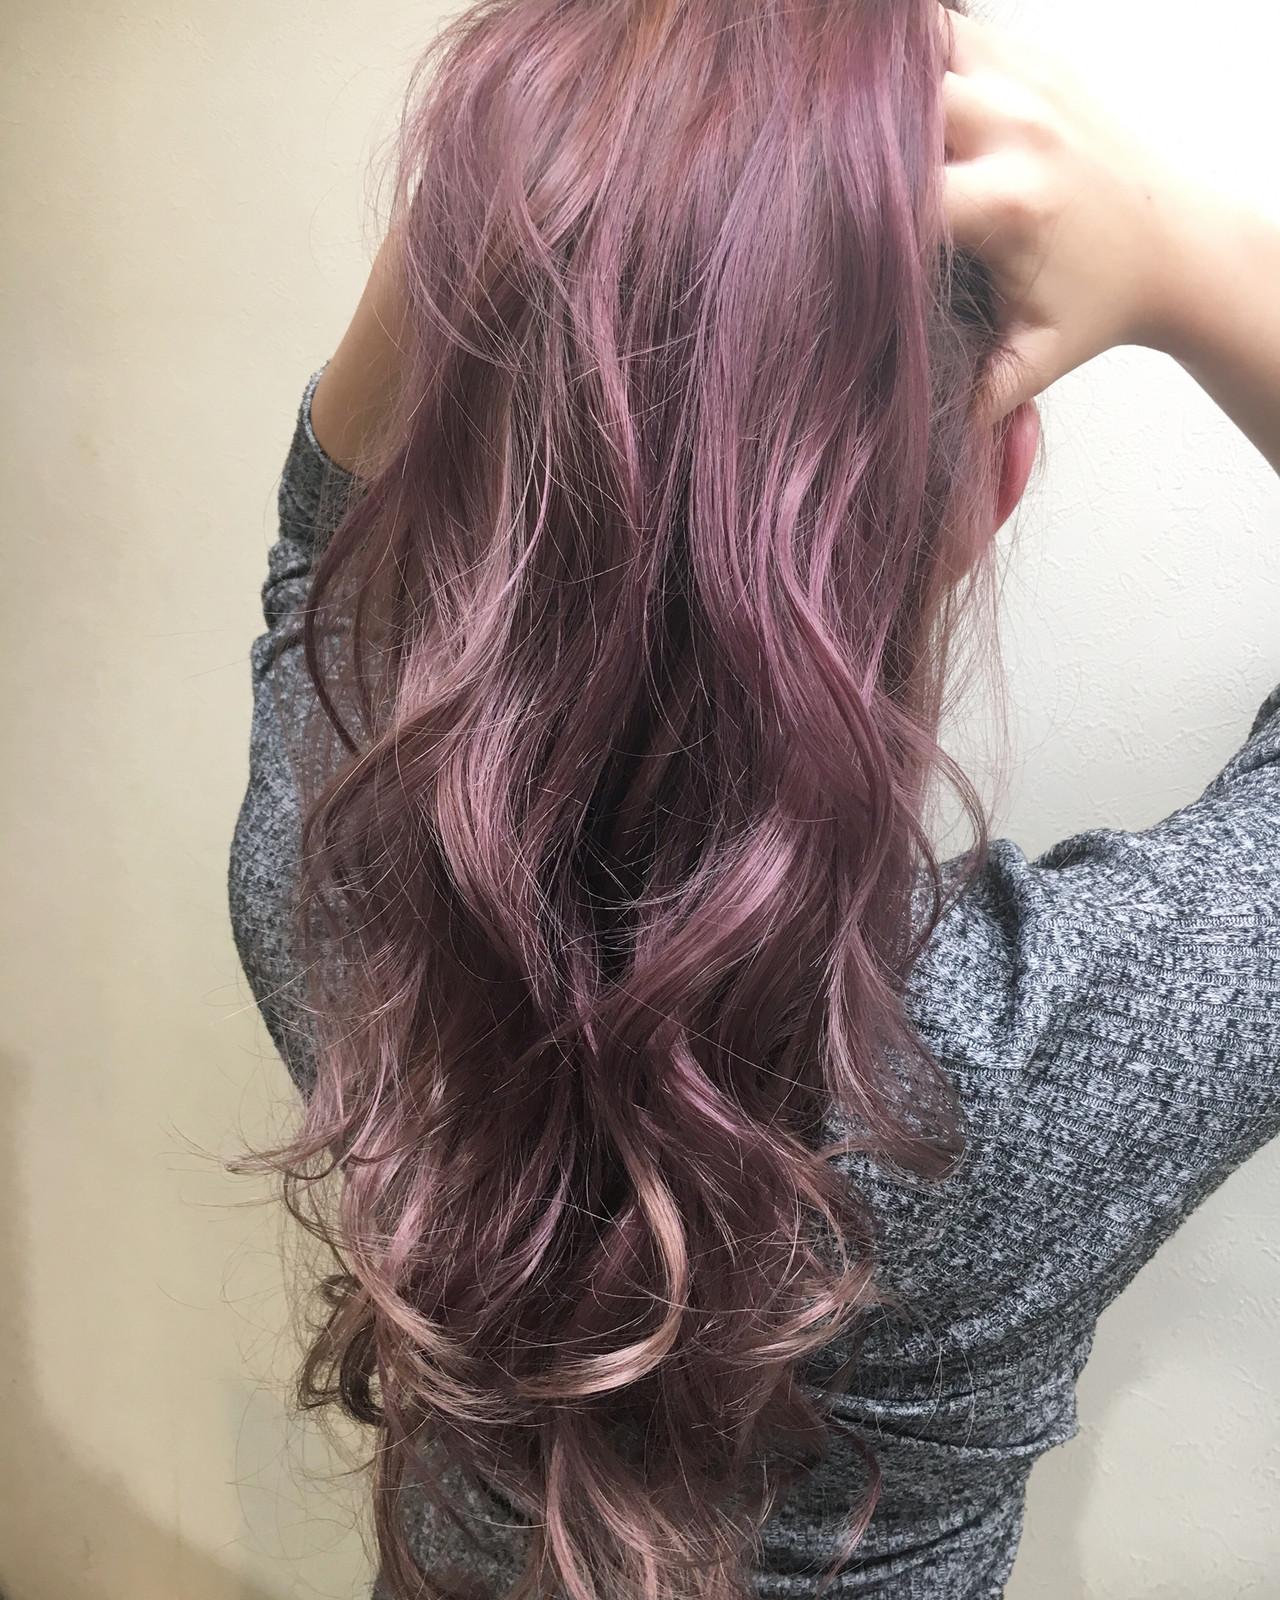 エレガント ブリーチ ハイライト パープル ヘアスタイルや髪型の写真・画像 | ヤマグチ ヒカル / Vida creative hair salon